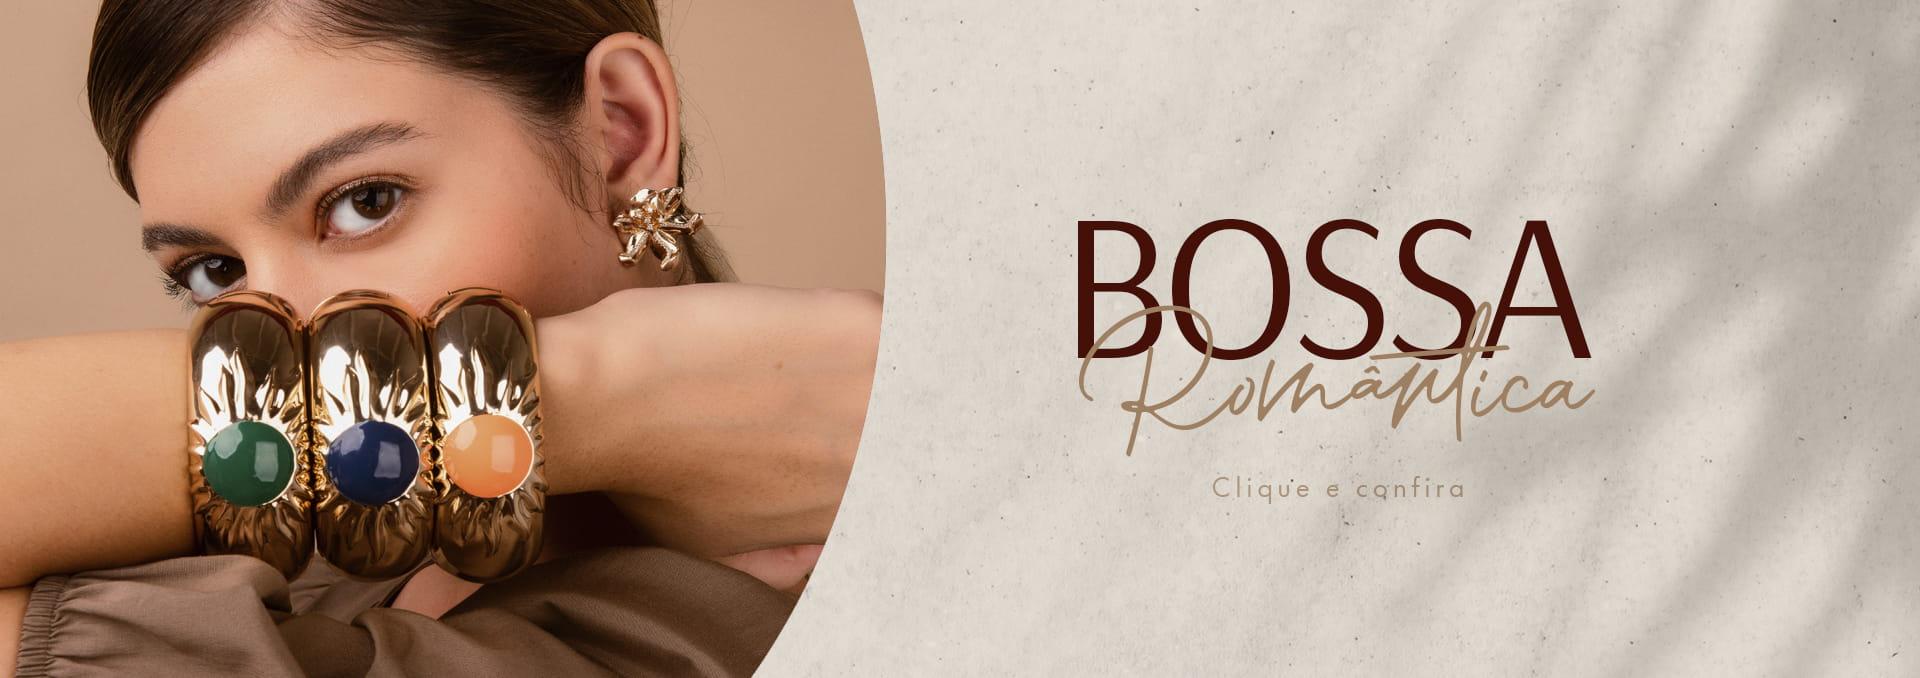 Bossa 01